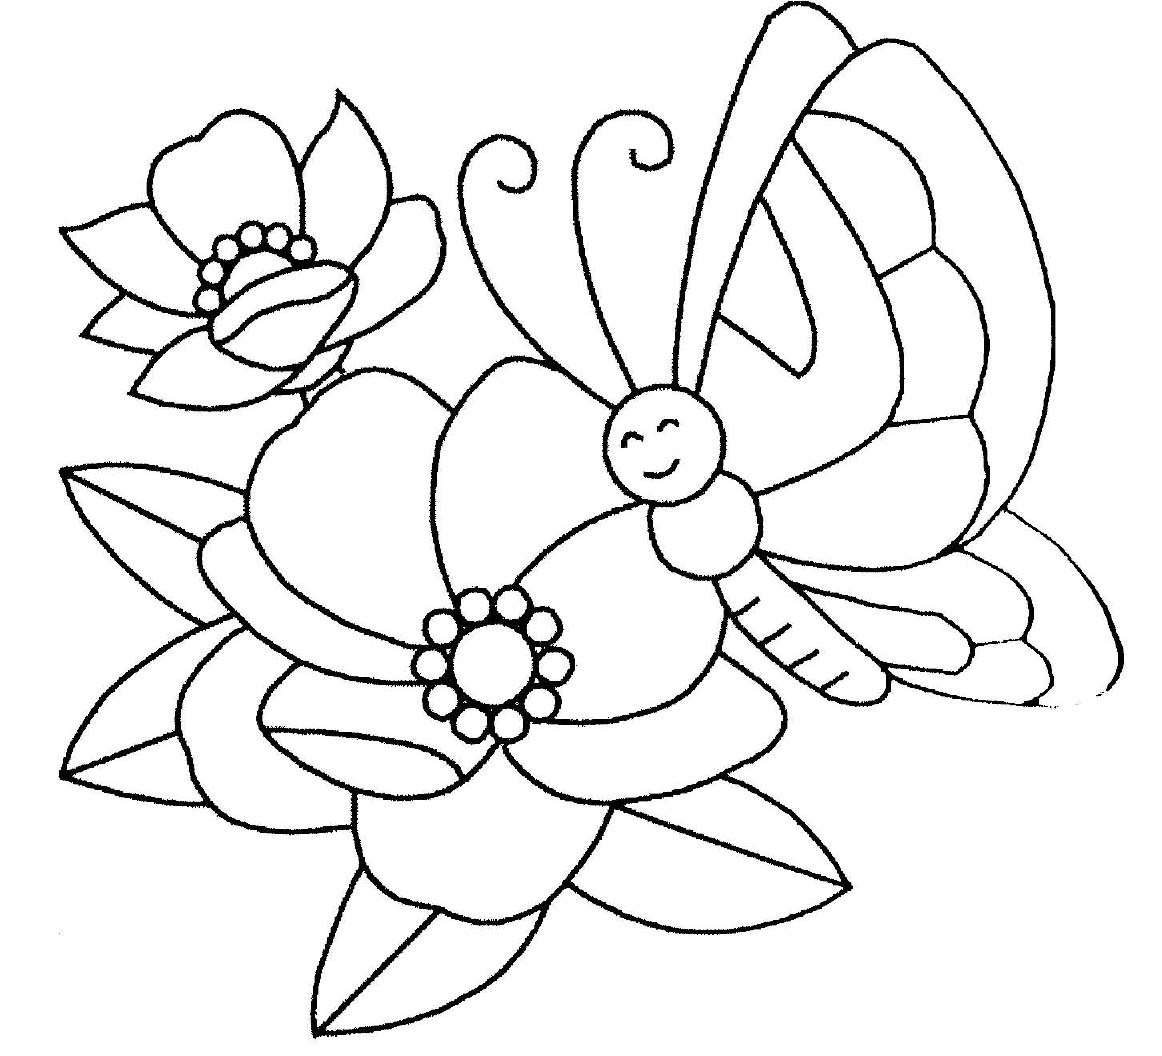 Disegni Sulla Primavera Da Colorare Per Bambini